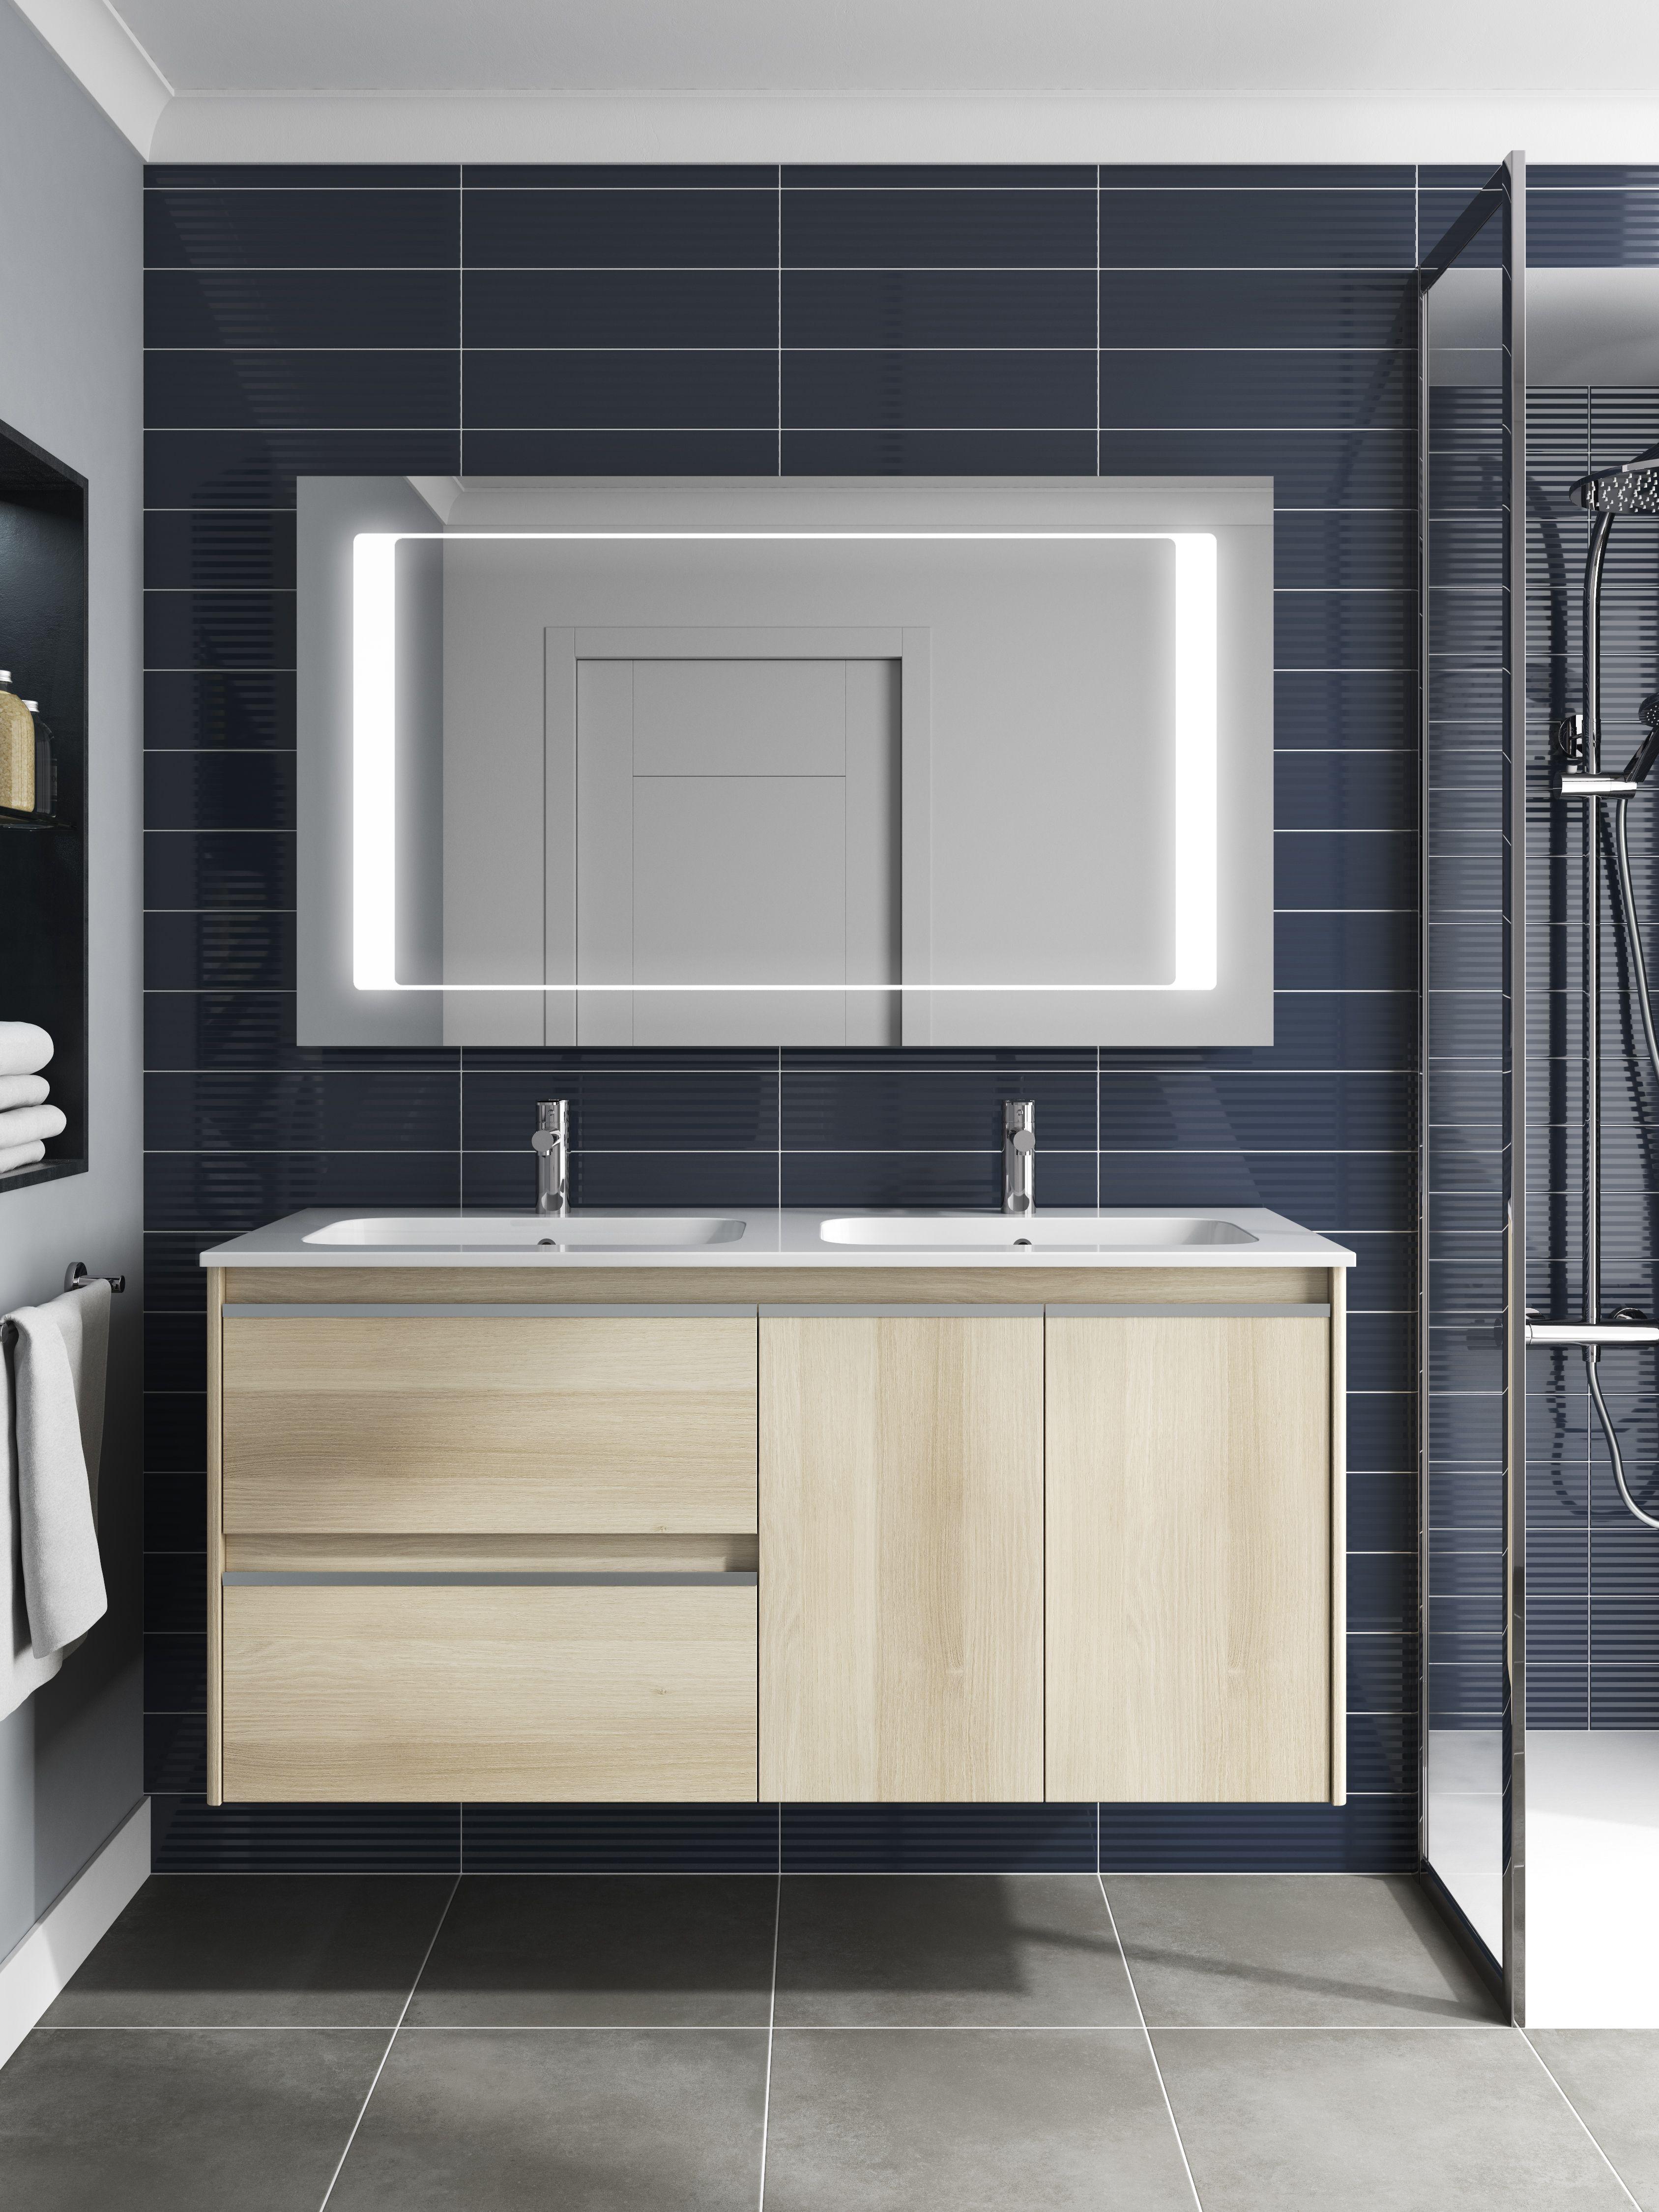 meuble avec vasque coloris ch ne nordic et miroir led une exclusivit by royo d cou. Black Bedroom Furniture Sets. Home Design Ideas